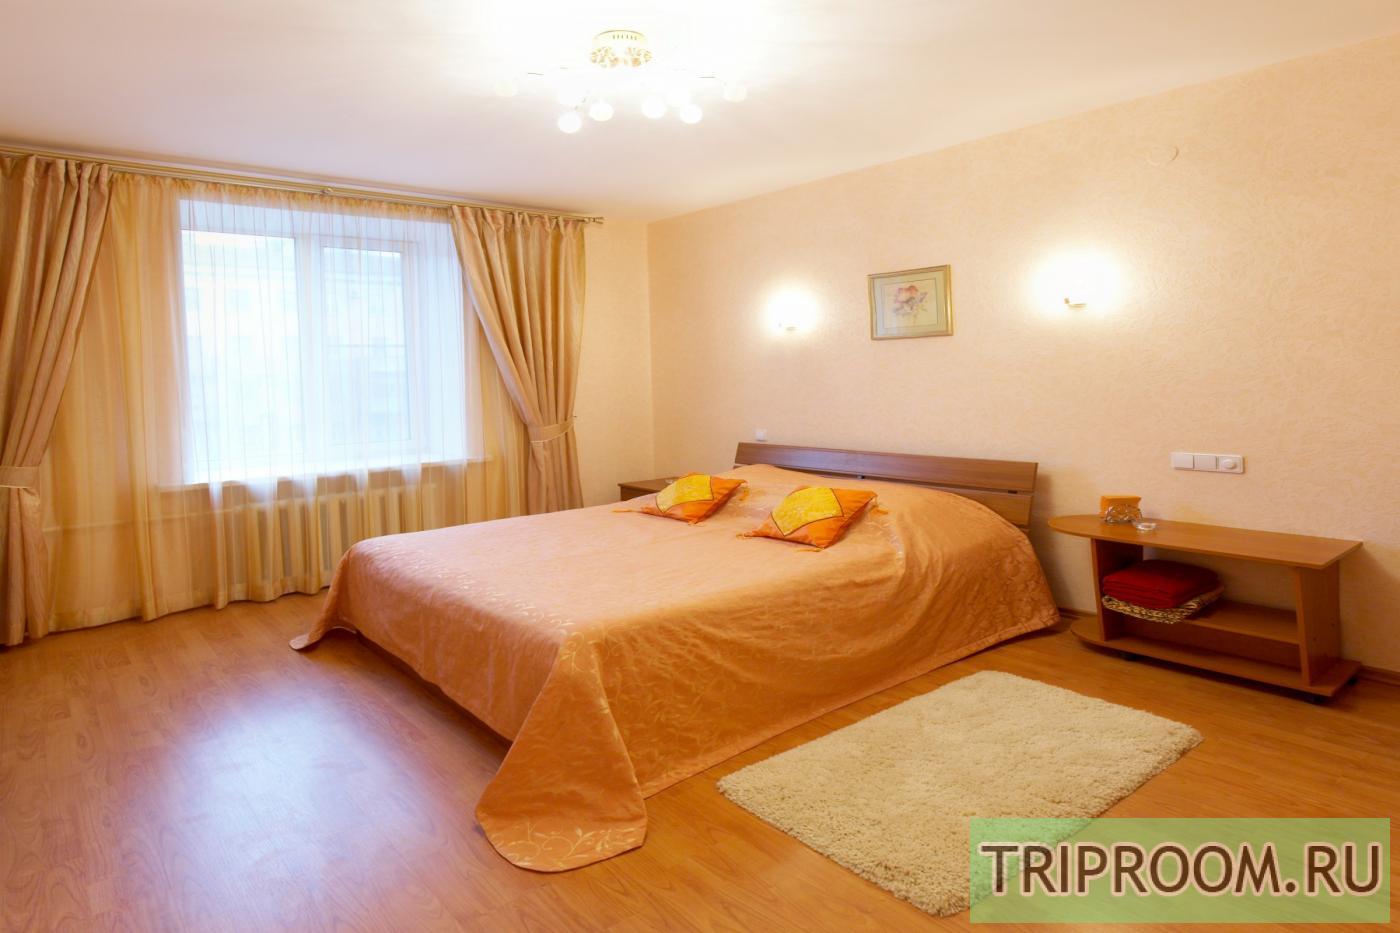 1-комнатная квартира посуточно (вариант № 7025), ул. Плехановская улица, фото № 1